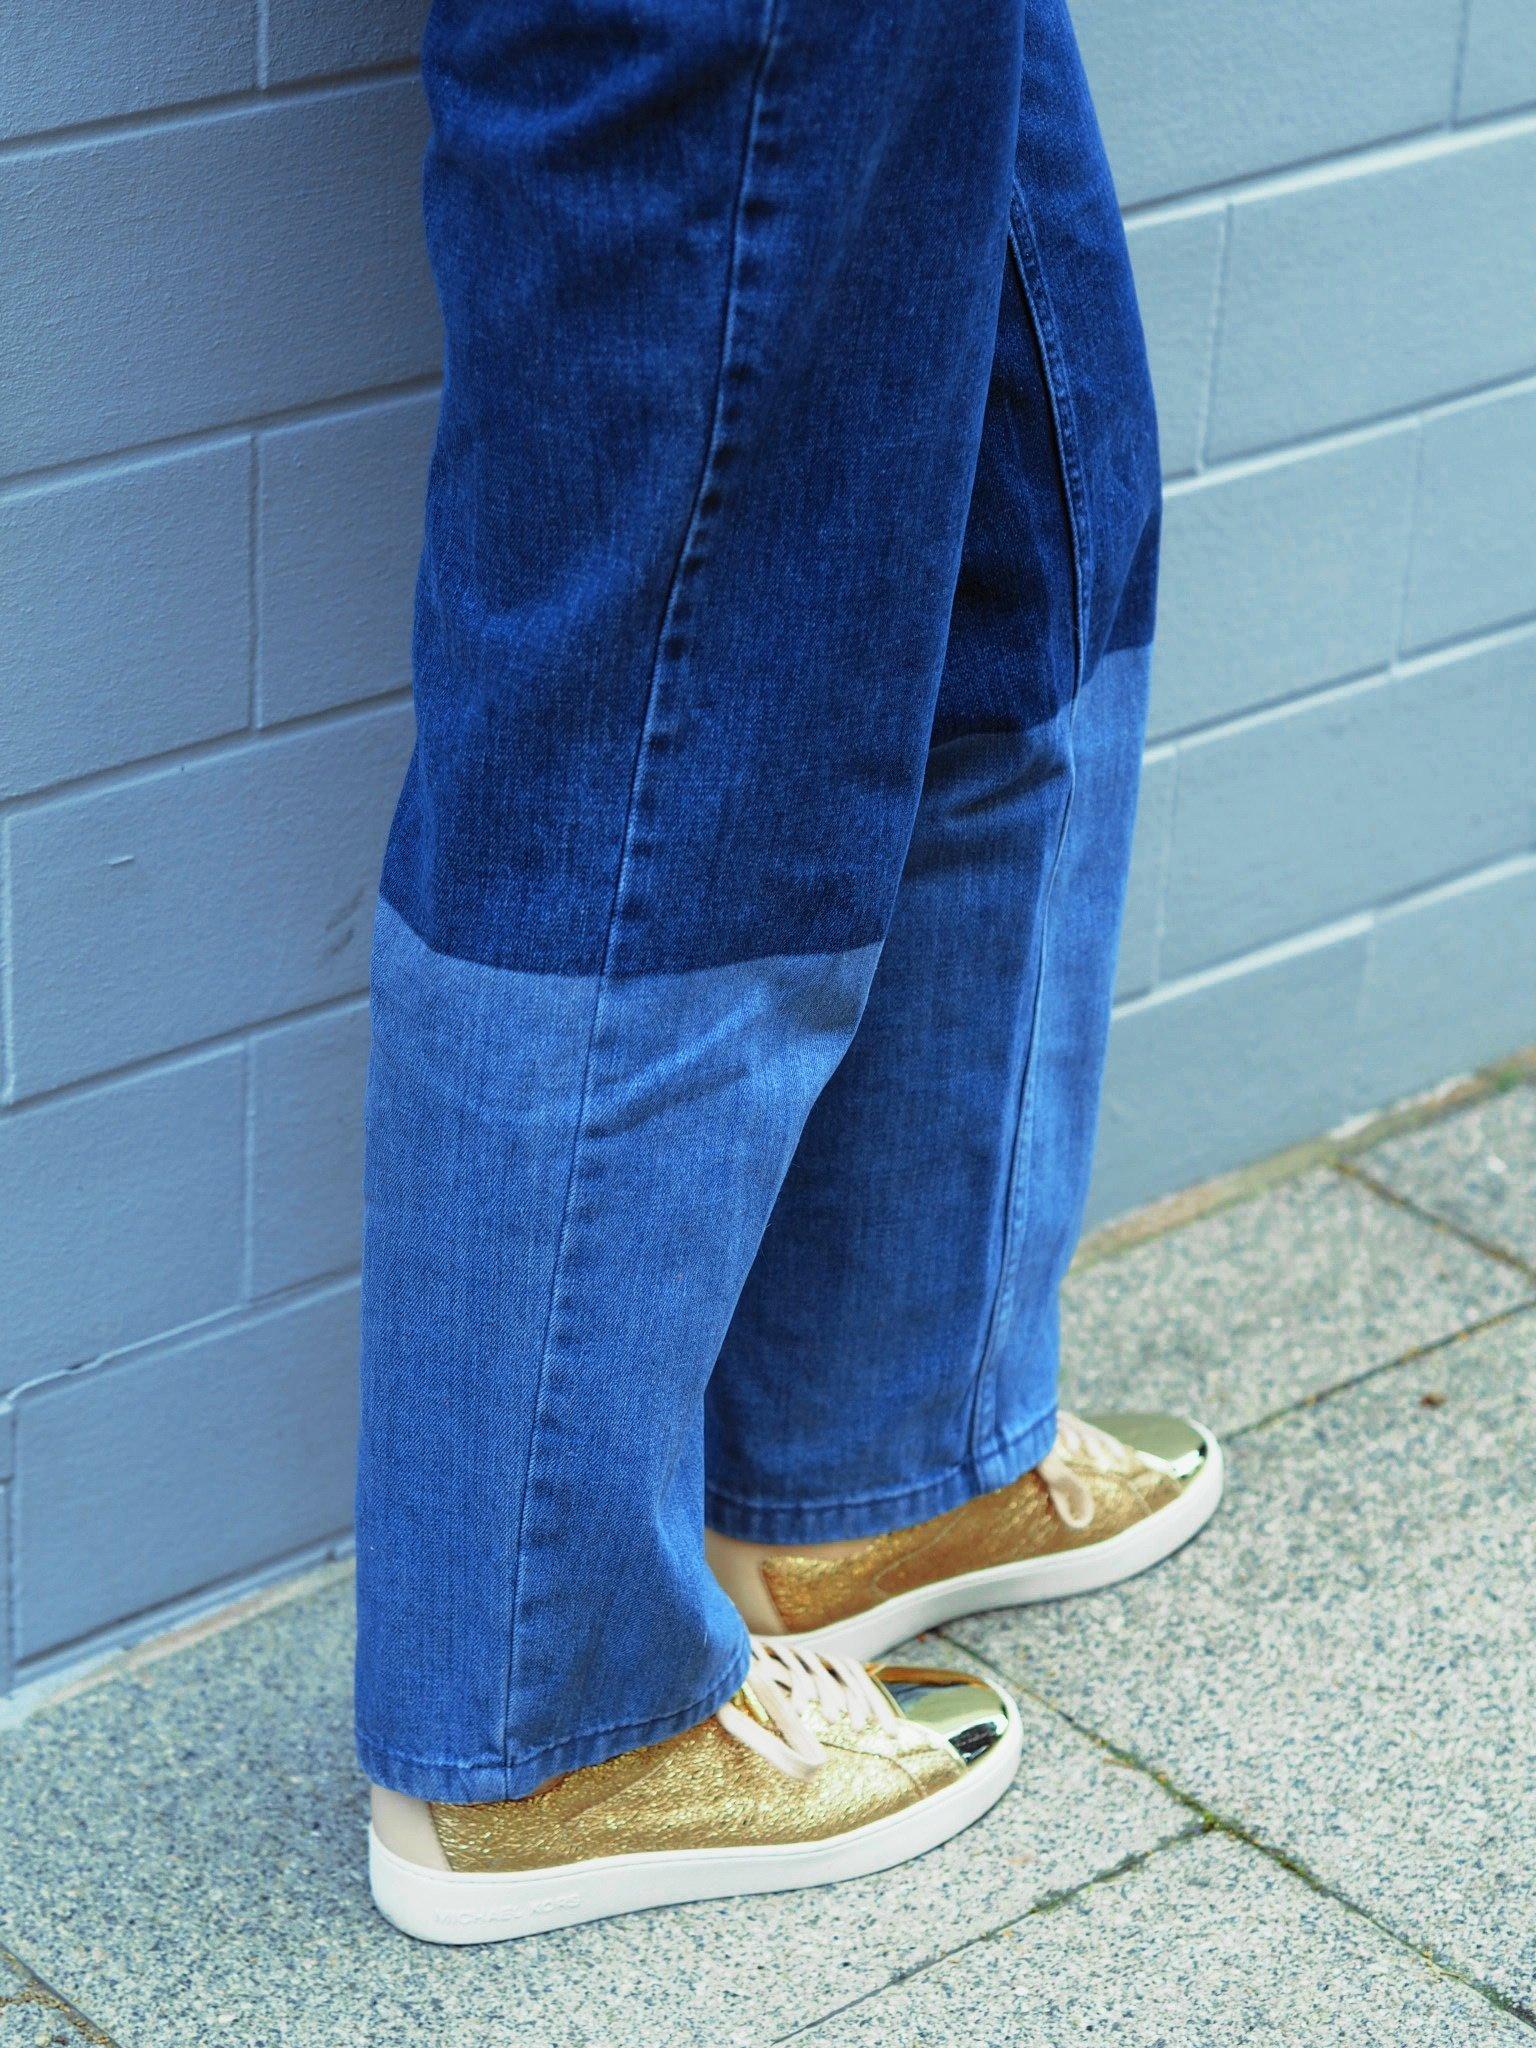 Heute habe ich für euch auf meinem Blog einen tollen Rabattcode von NA-KD und zeige einen 70er Jahre Komplett Look mit Jeans von der stylischen Modemarke